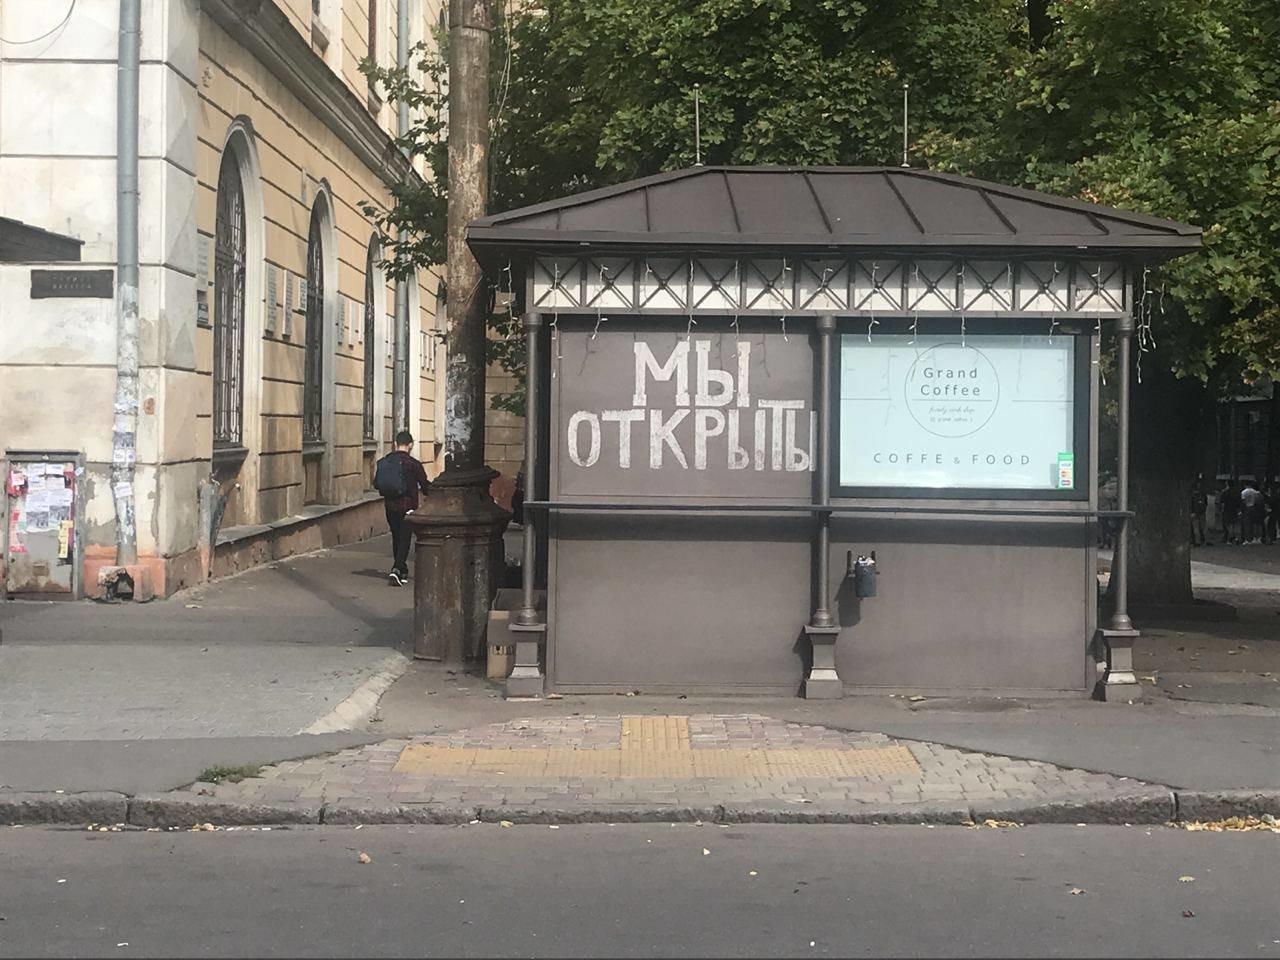 В Одессе появился трёхмерный пешеходный переход, но не все им довольны, - ФОТО, фото-2